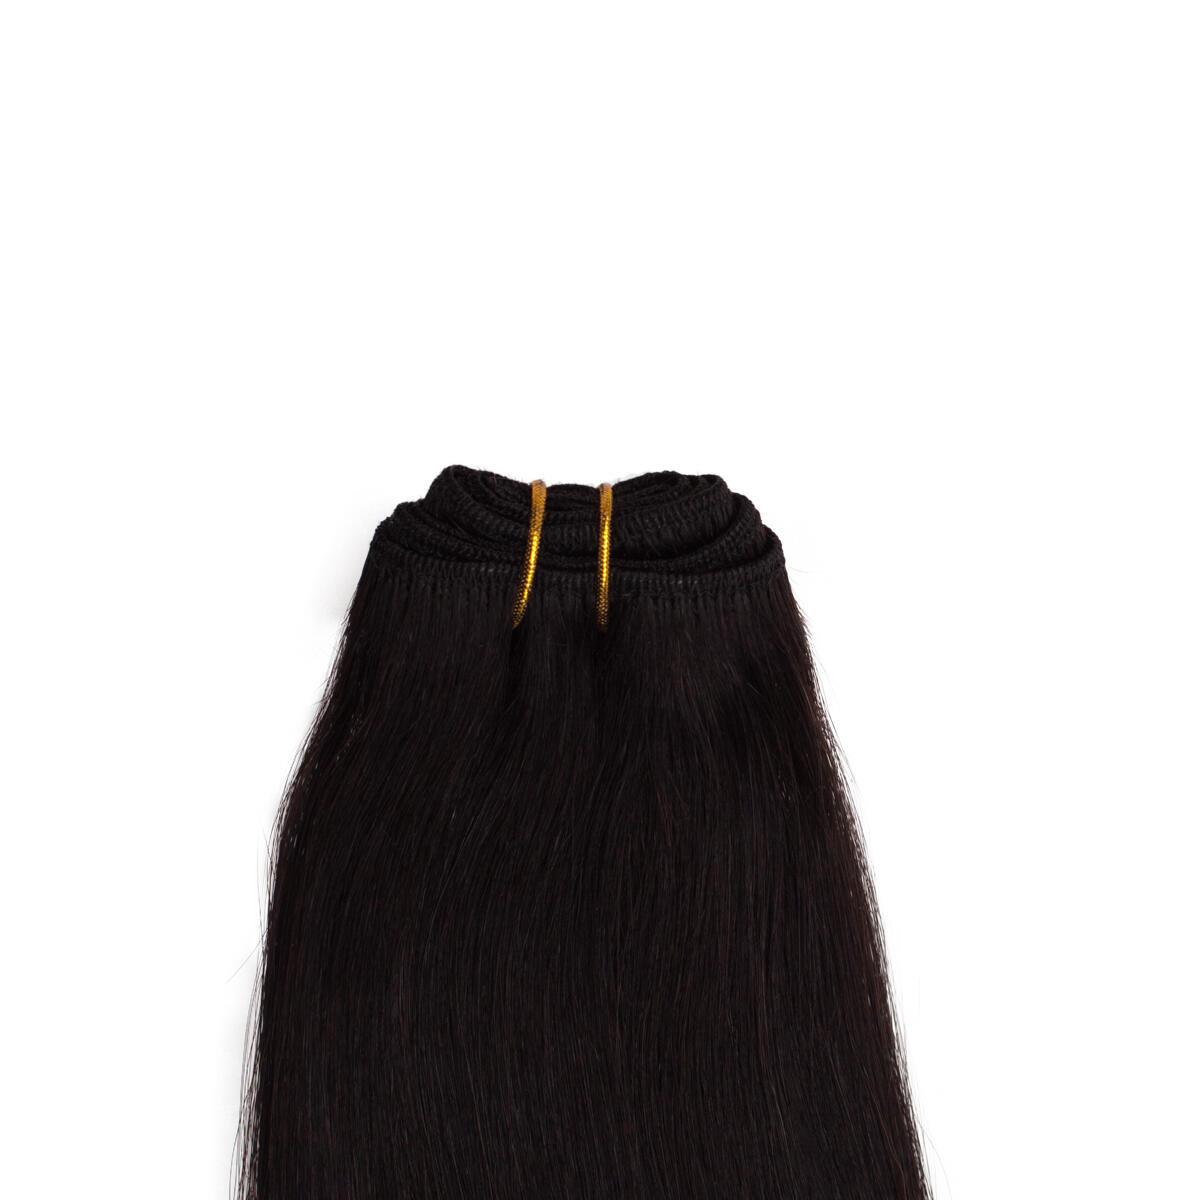 Hair Weft 1.2 Black Brown 50 cm